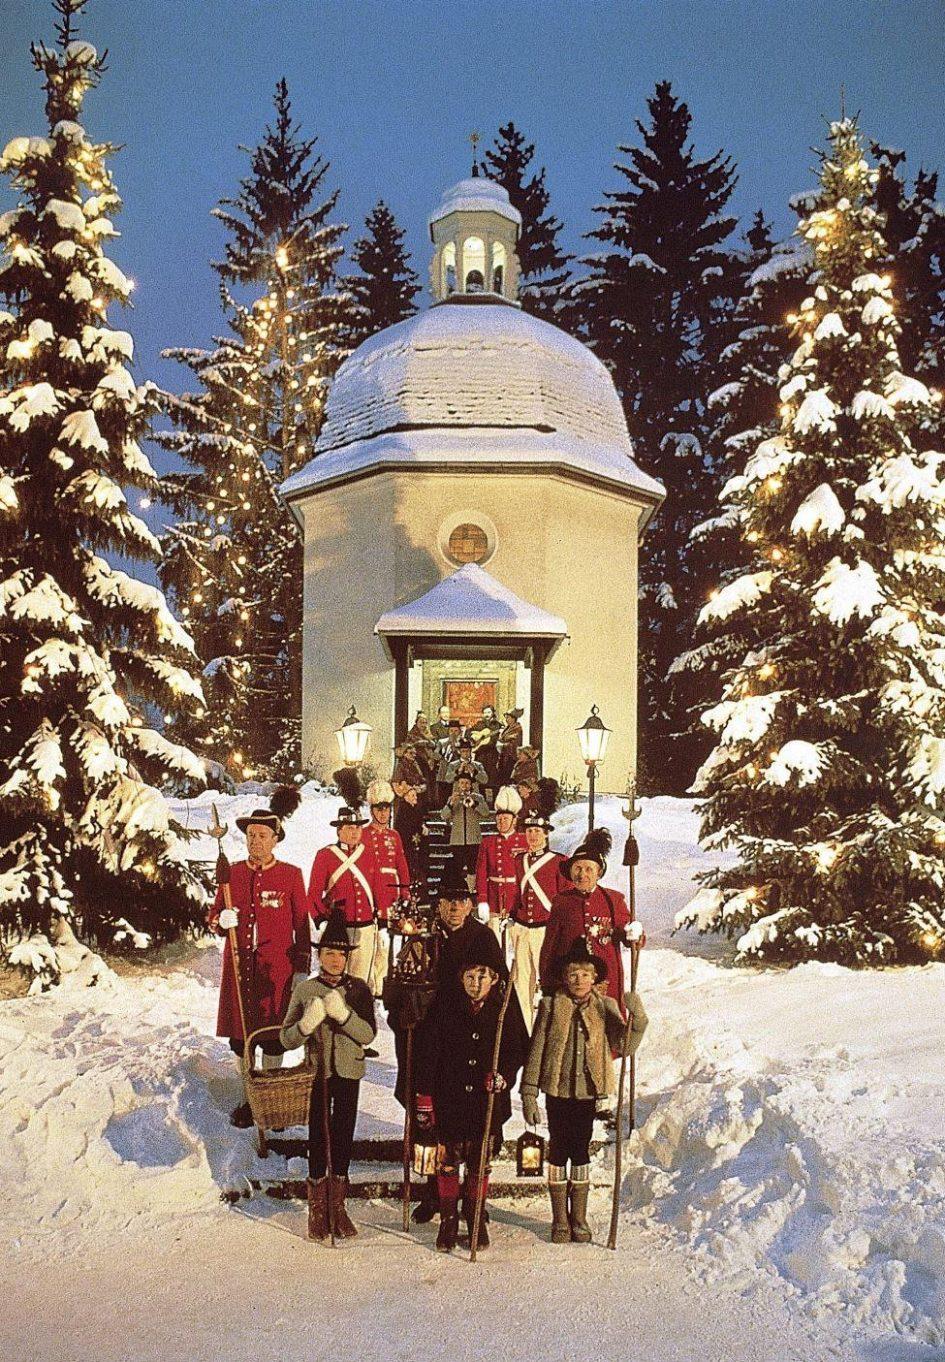 chapelle-2-c-stillenachtverein